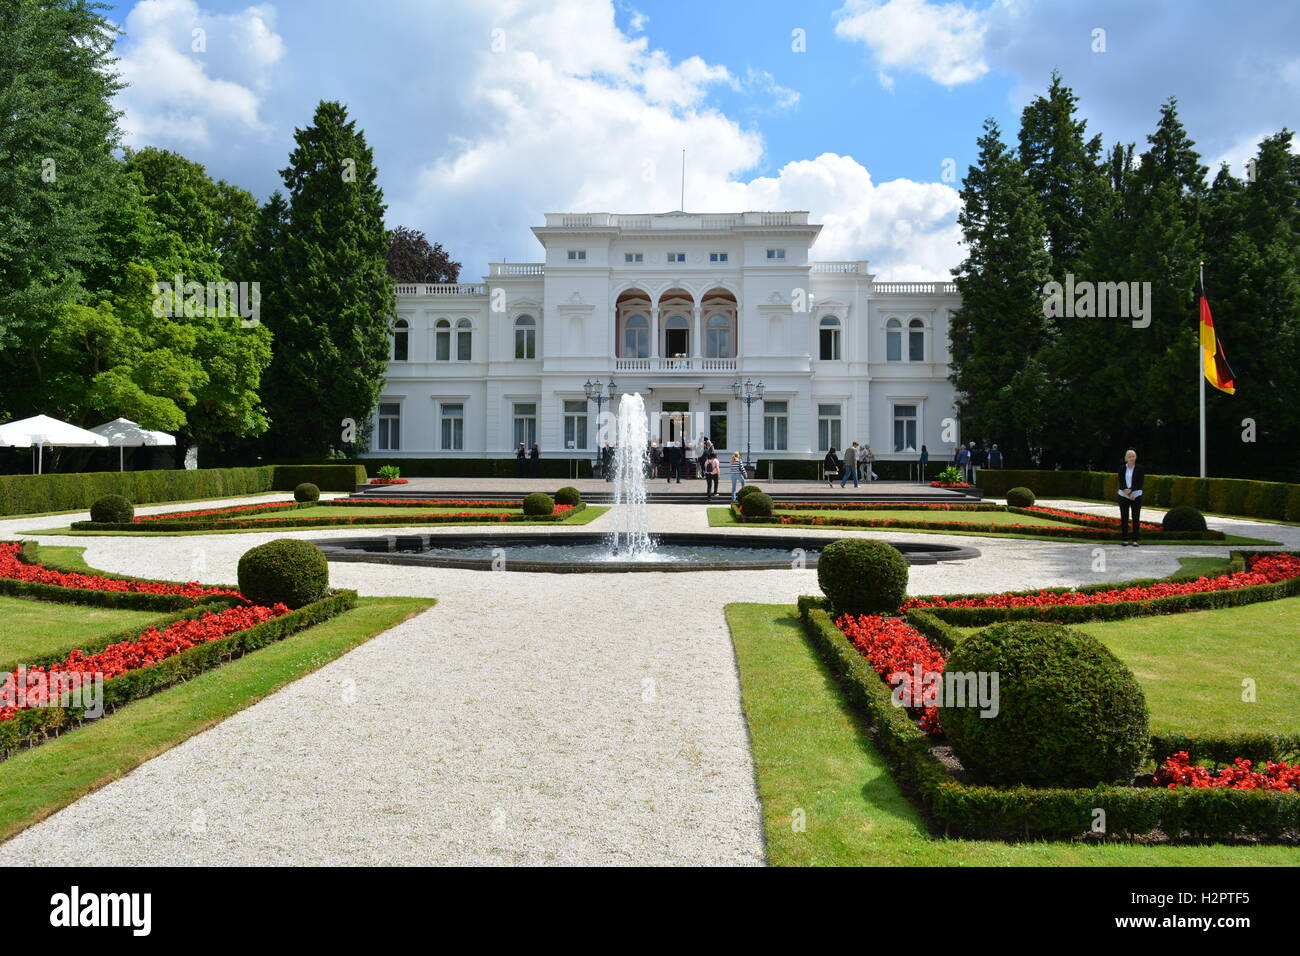 Bonn, Germany, Villa Hammerschmidt - Stock Image